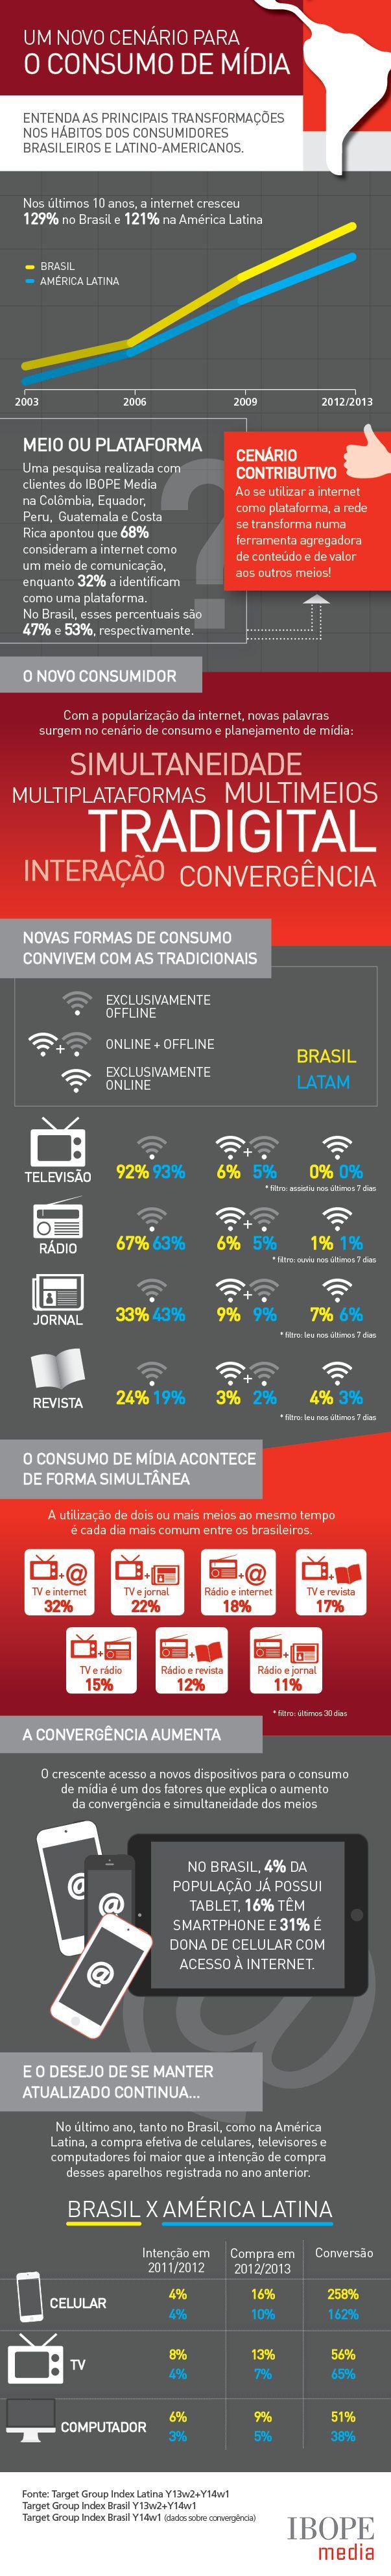 Infográfico: consumo de mídia dos brasileiros e latino-americanos | Blog Plugcitários